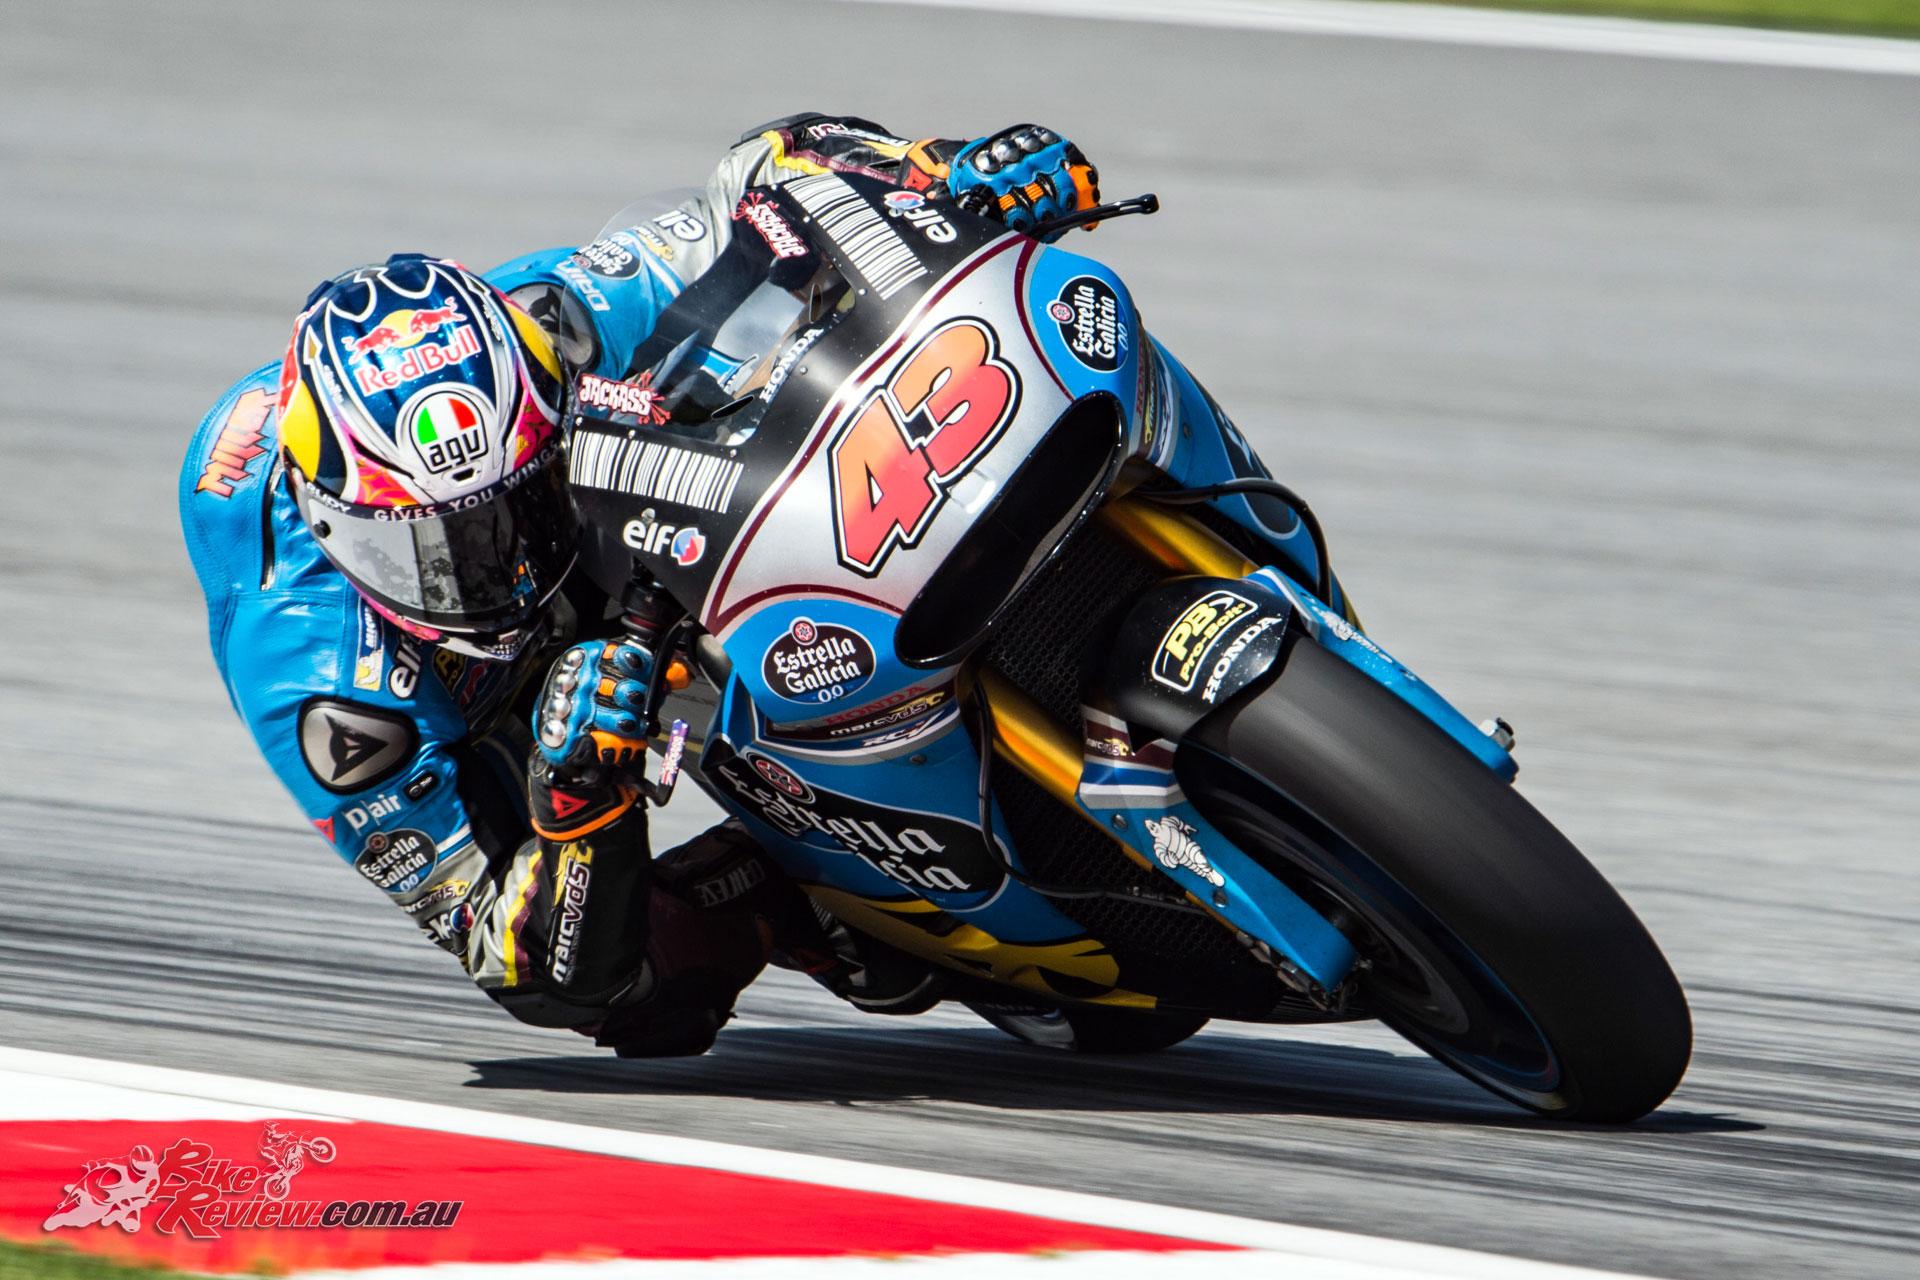 Miller took eighth behind Rossi